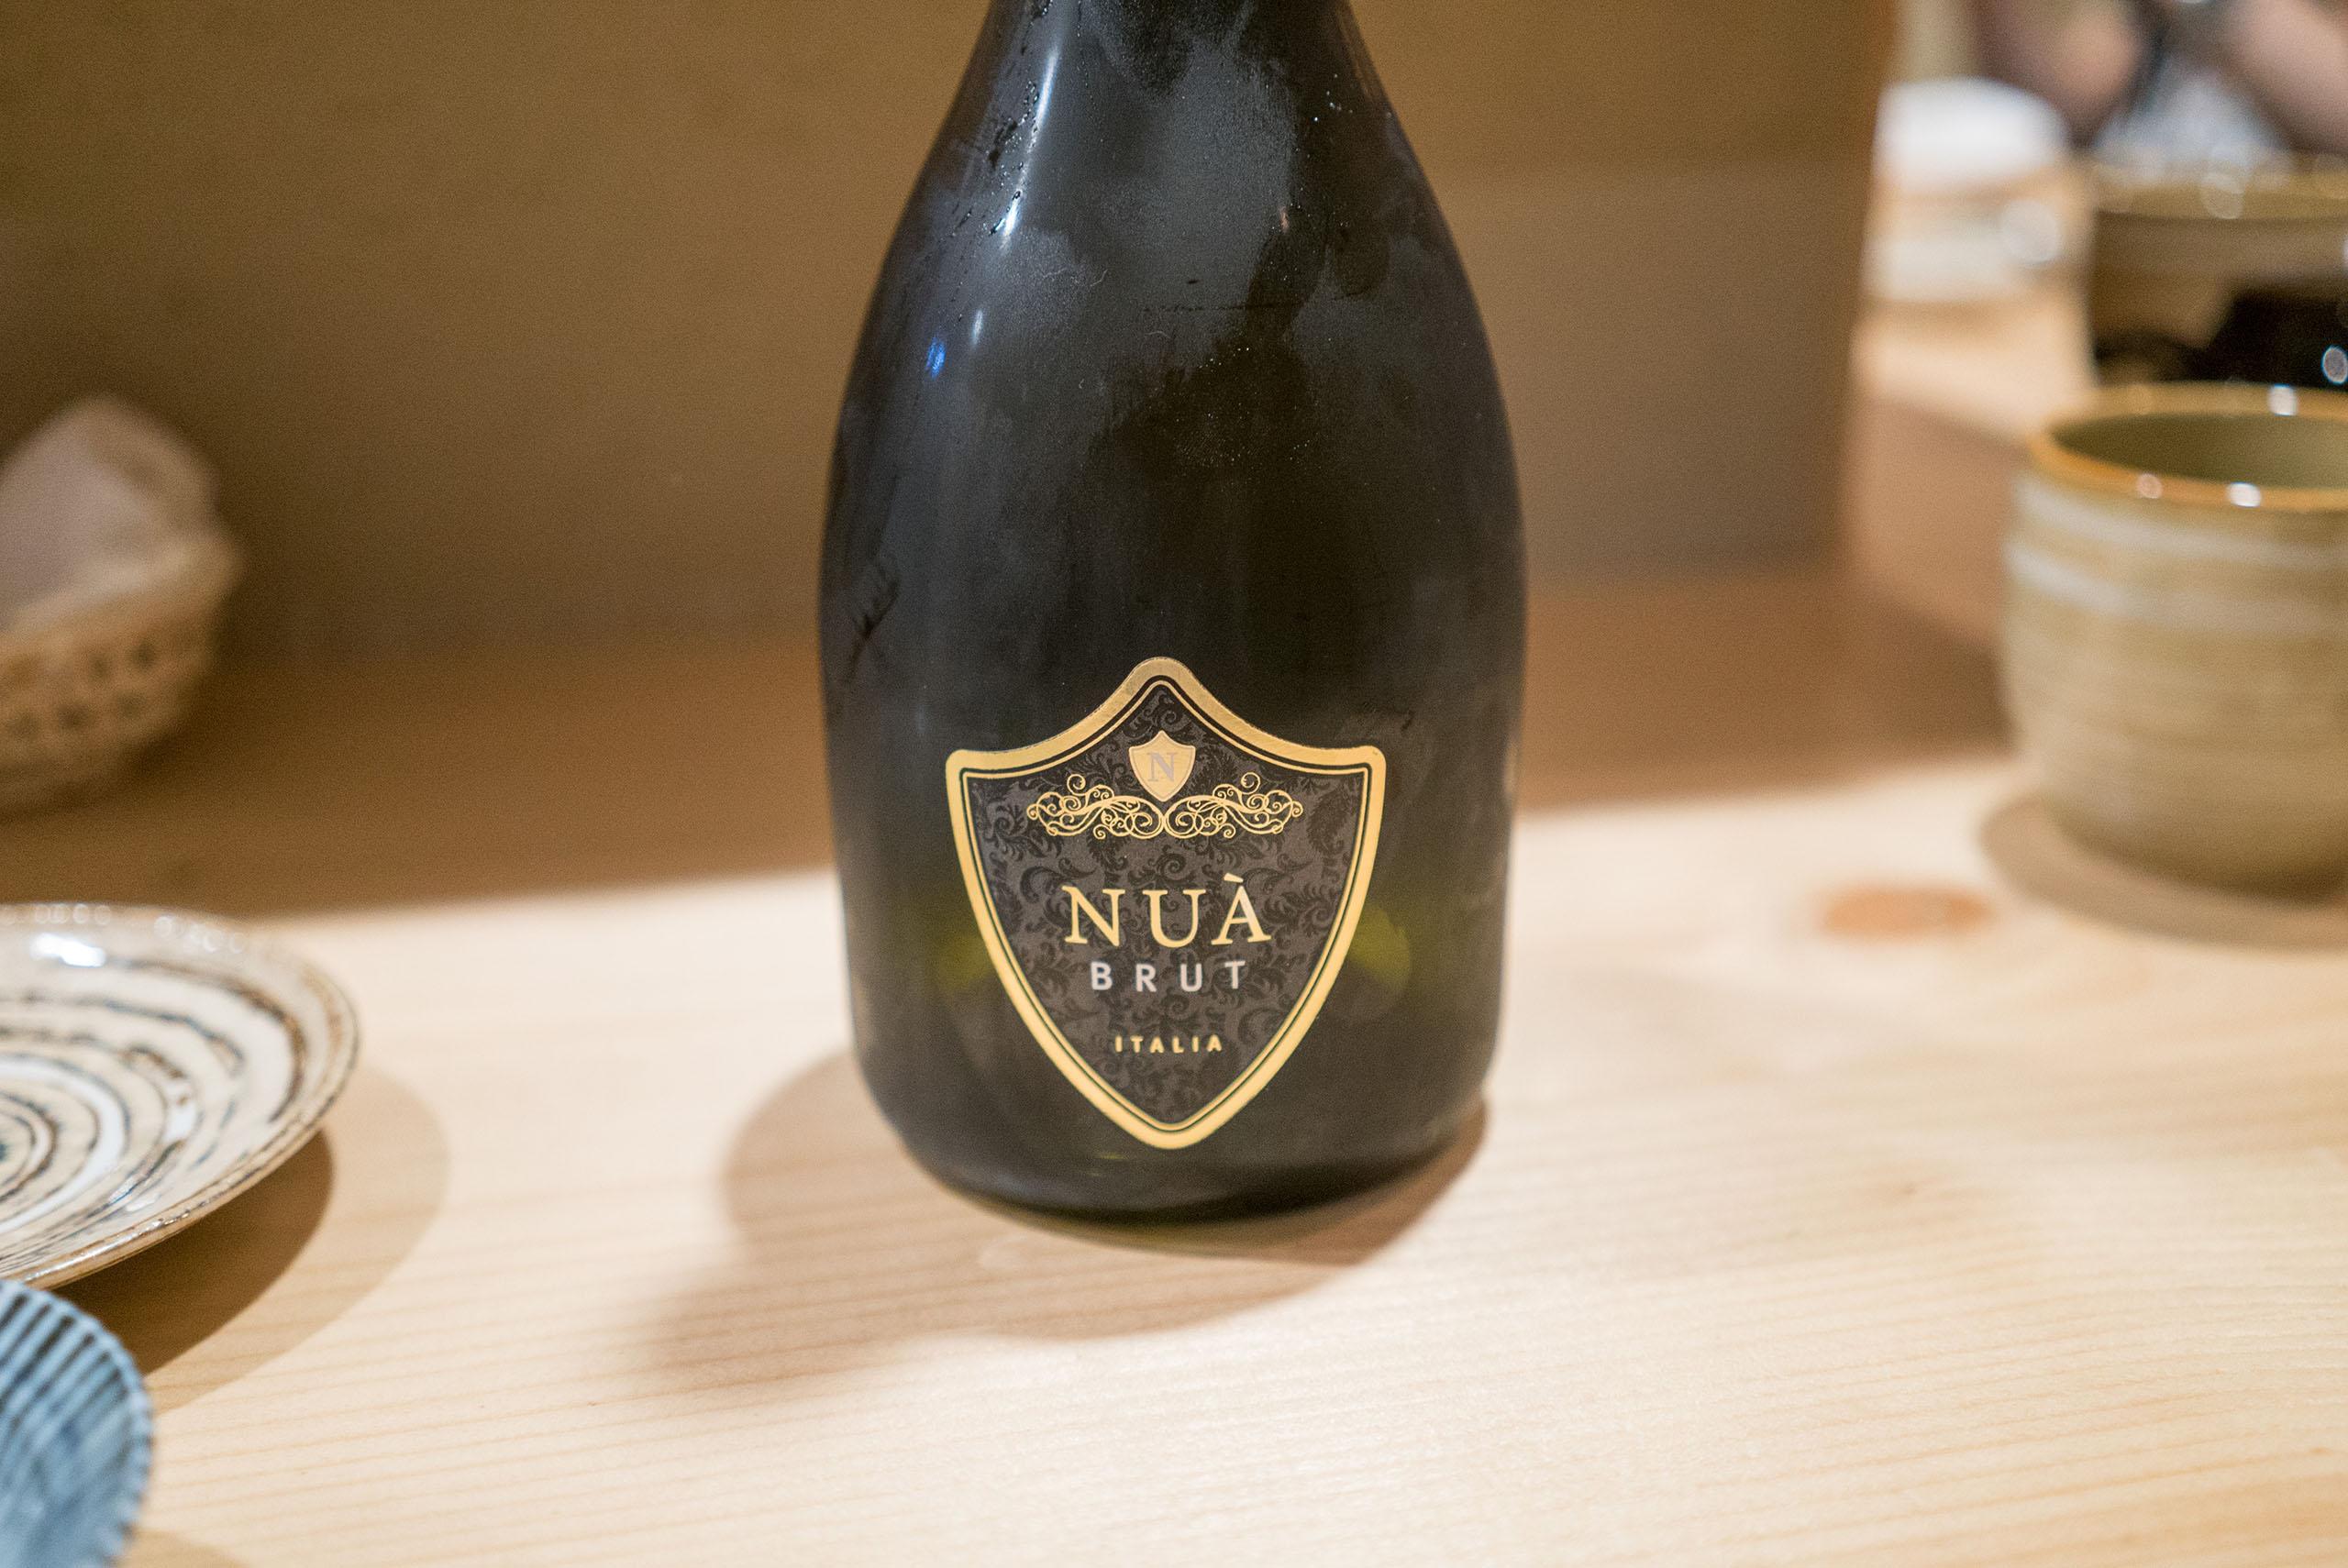 Nua Brut